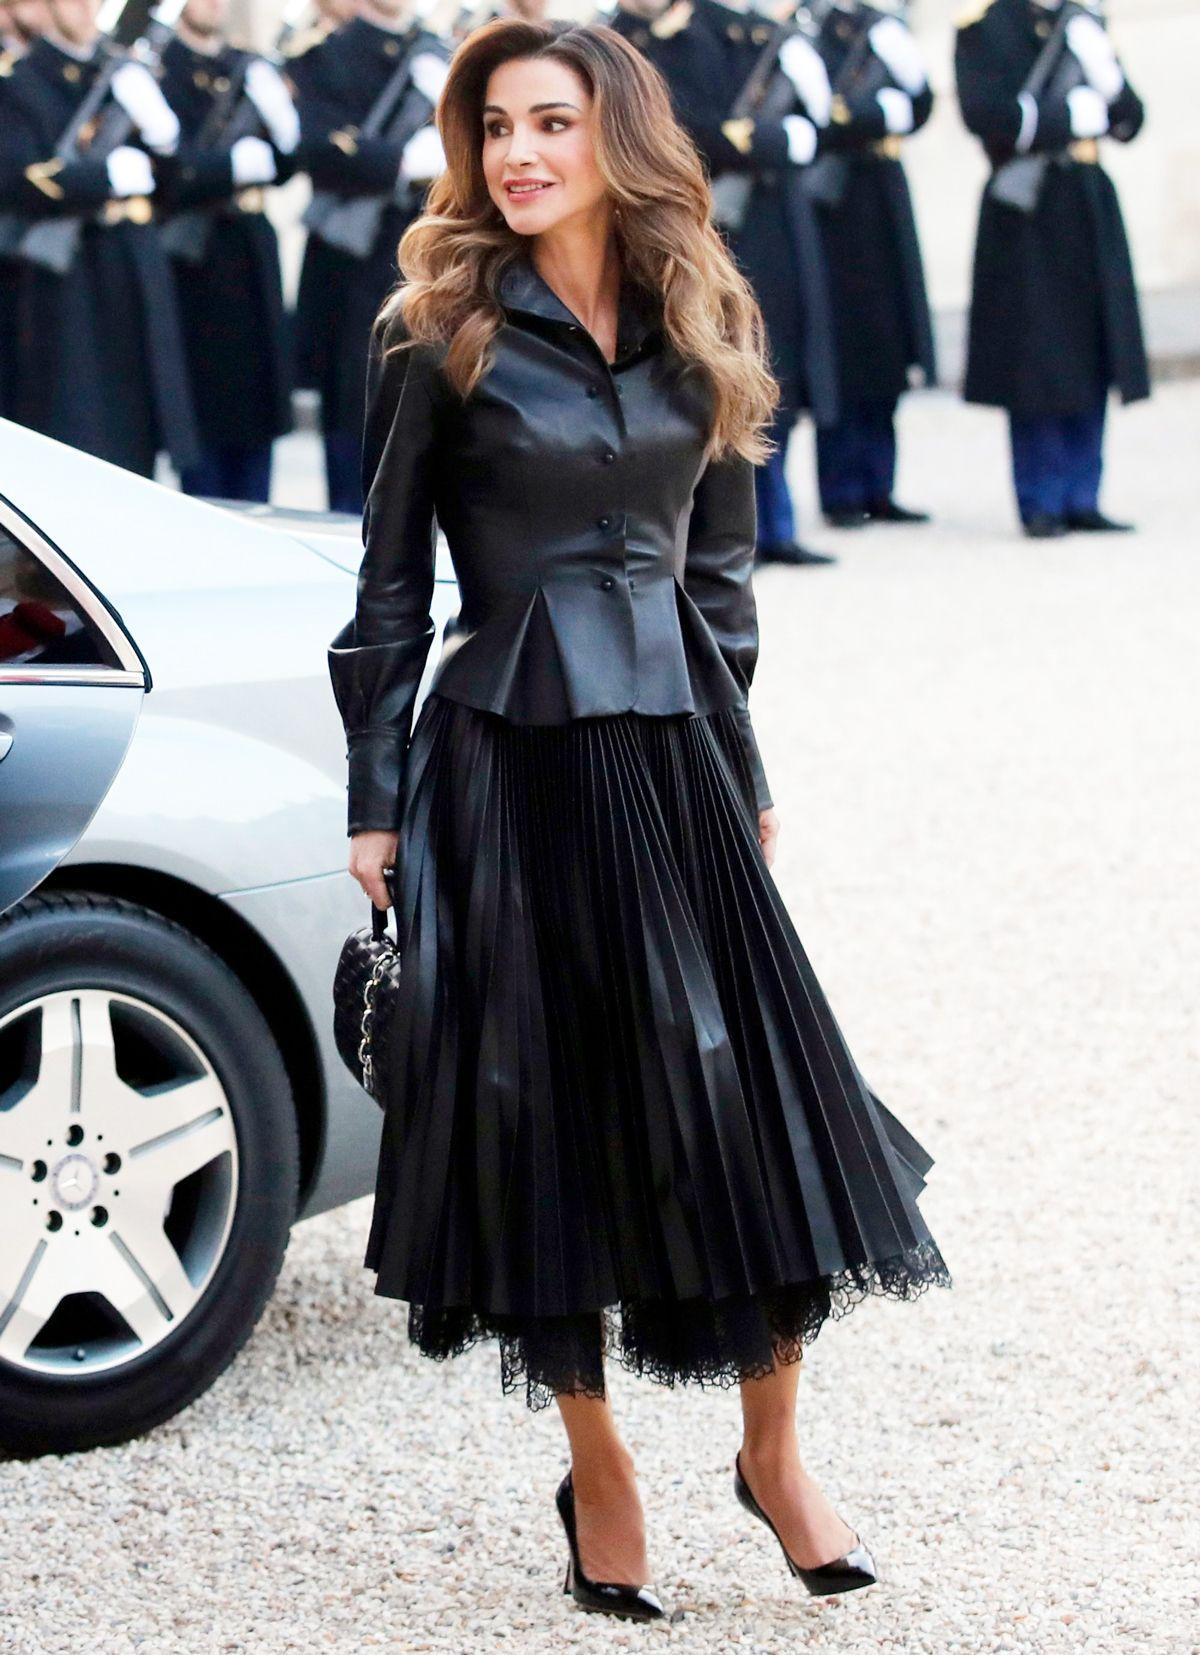 اطلالة من الجلد باللون الأسود تألقت بها الملكة رانيا